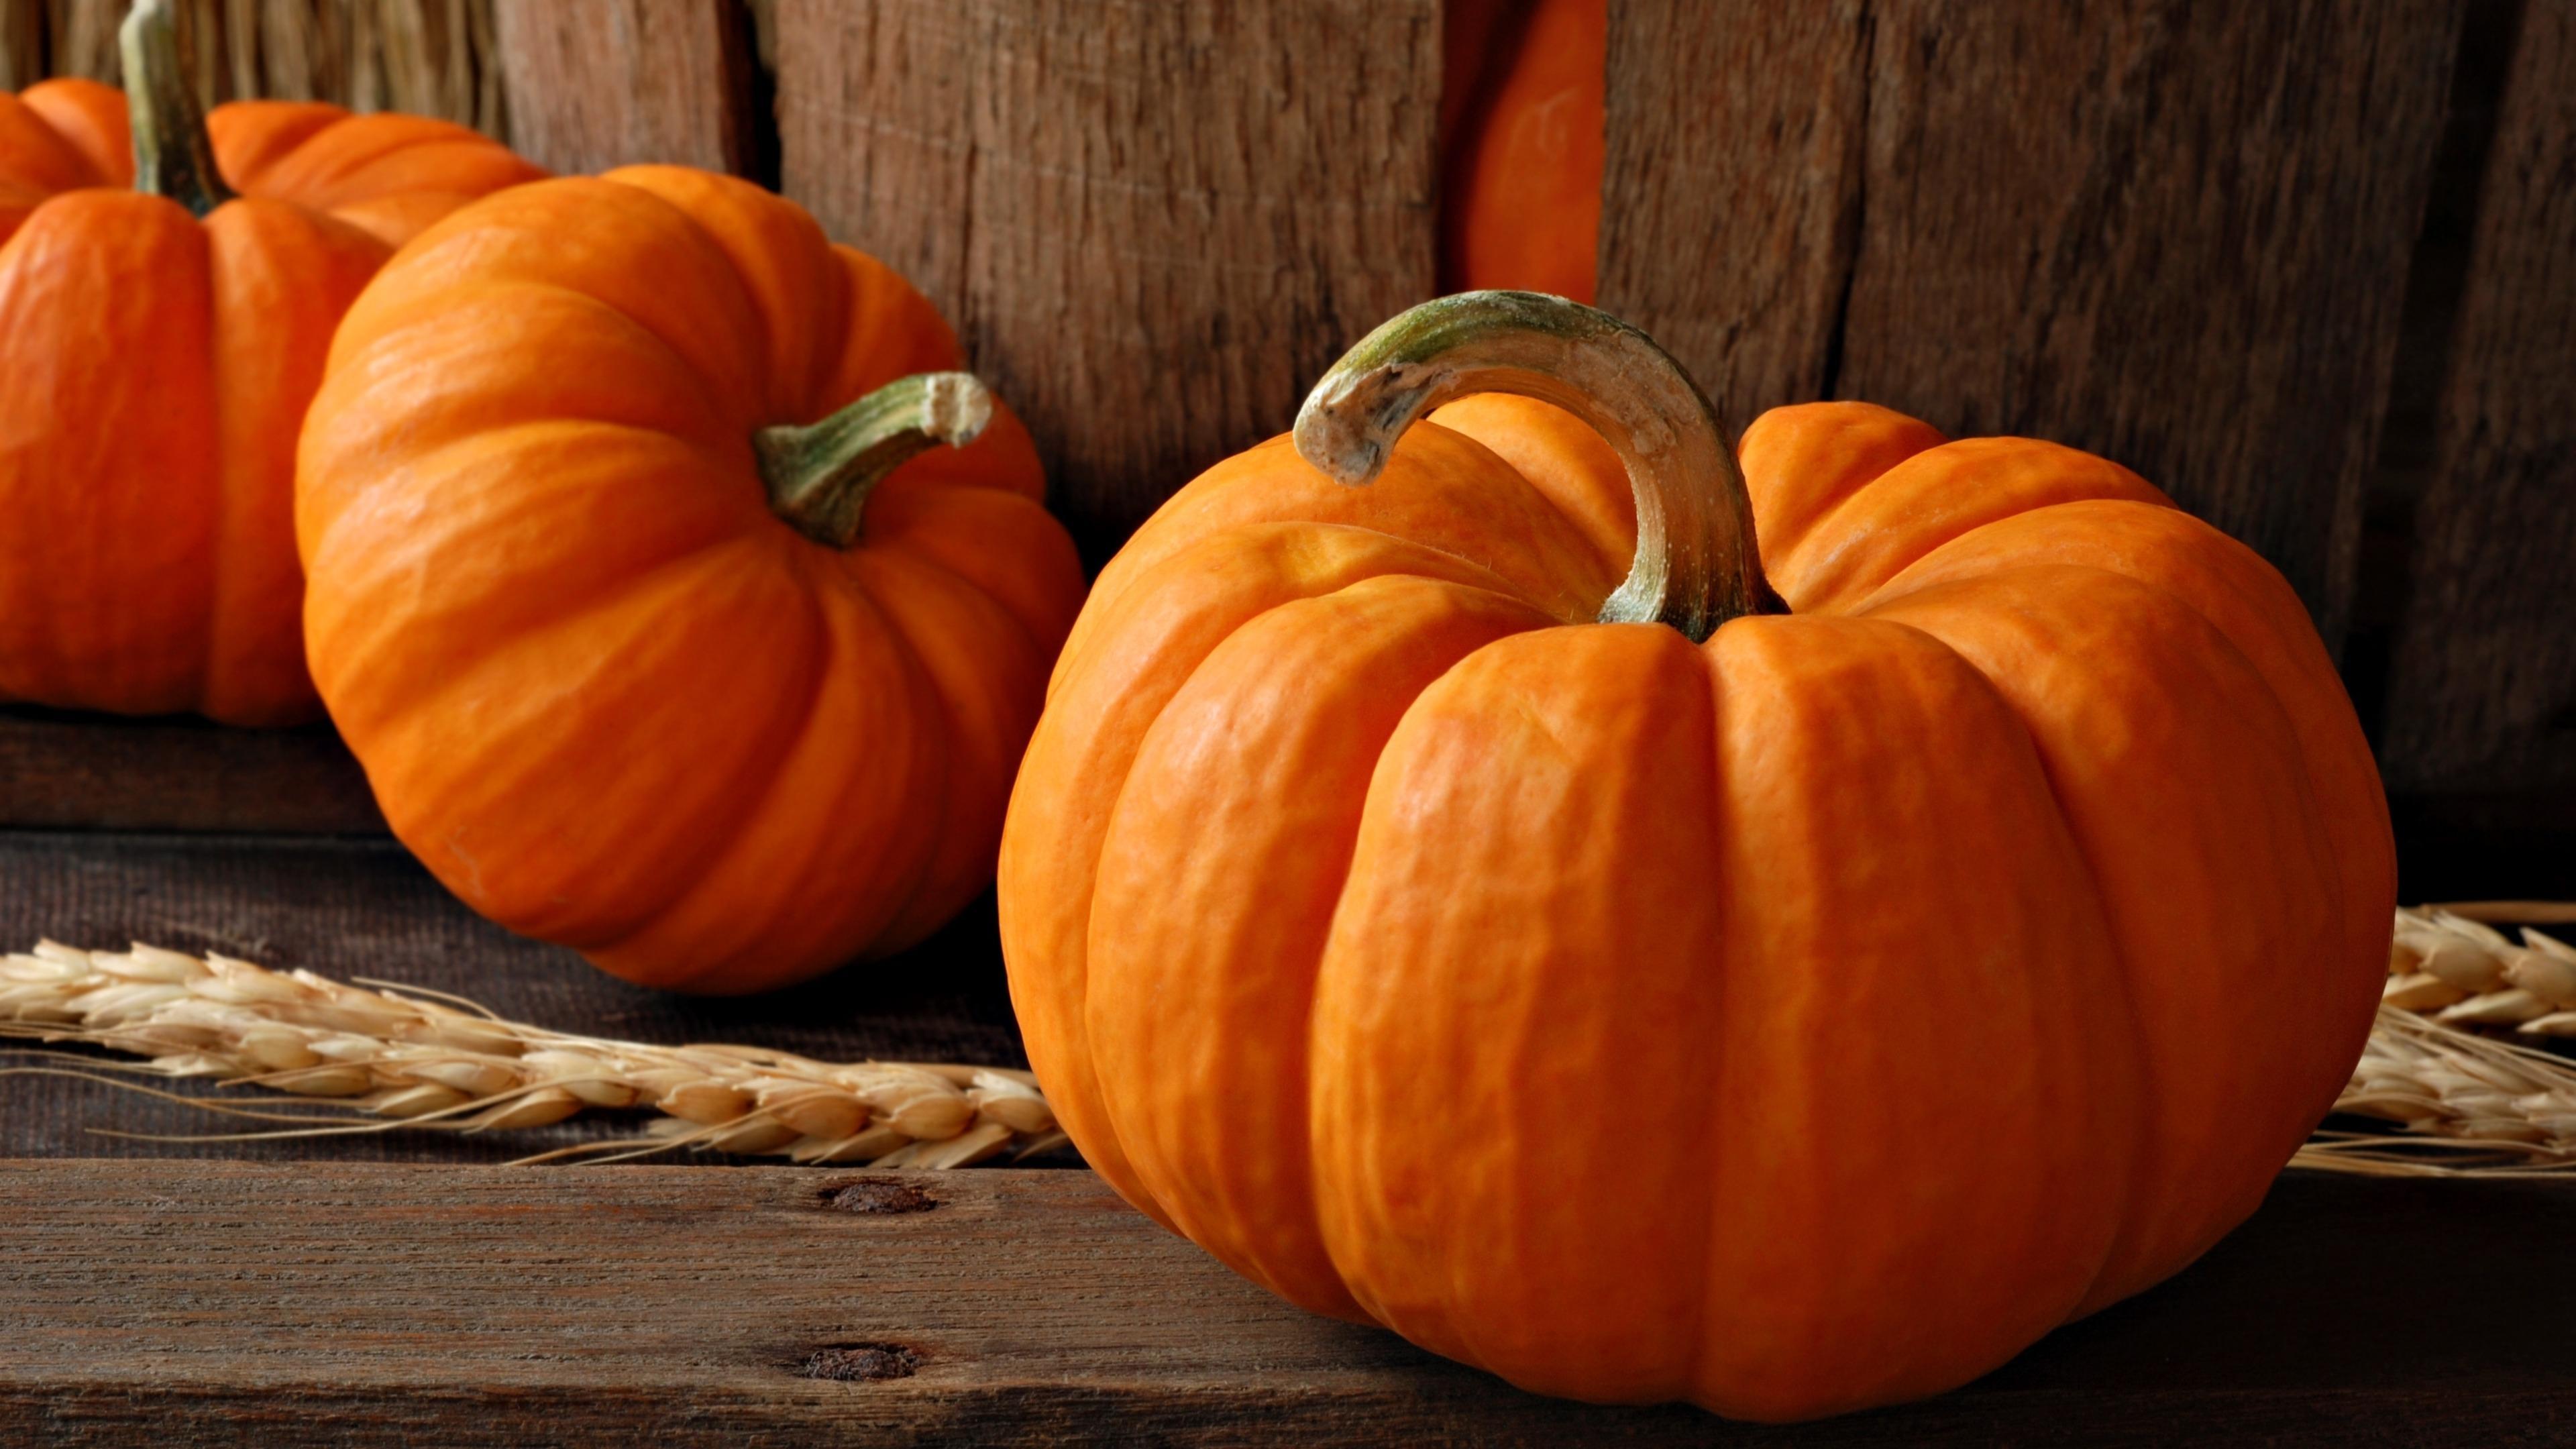 Pumpkins wallpaper